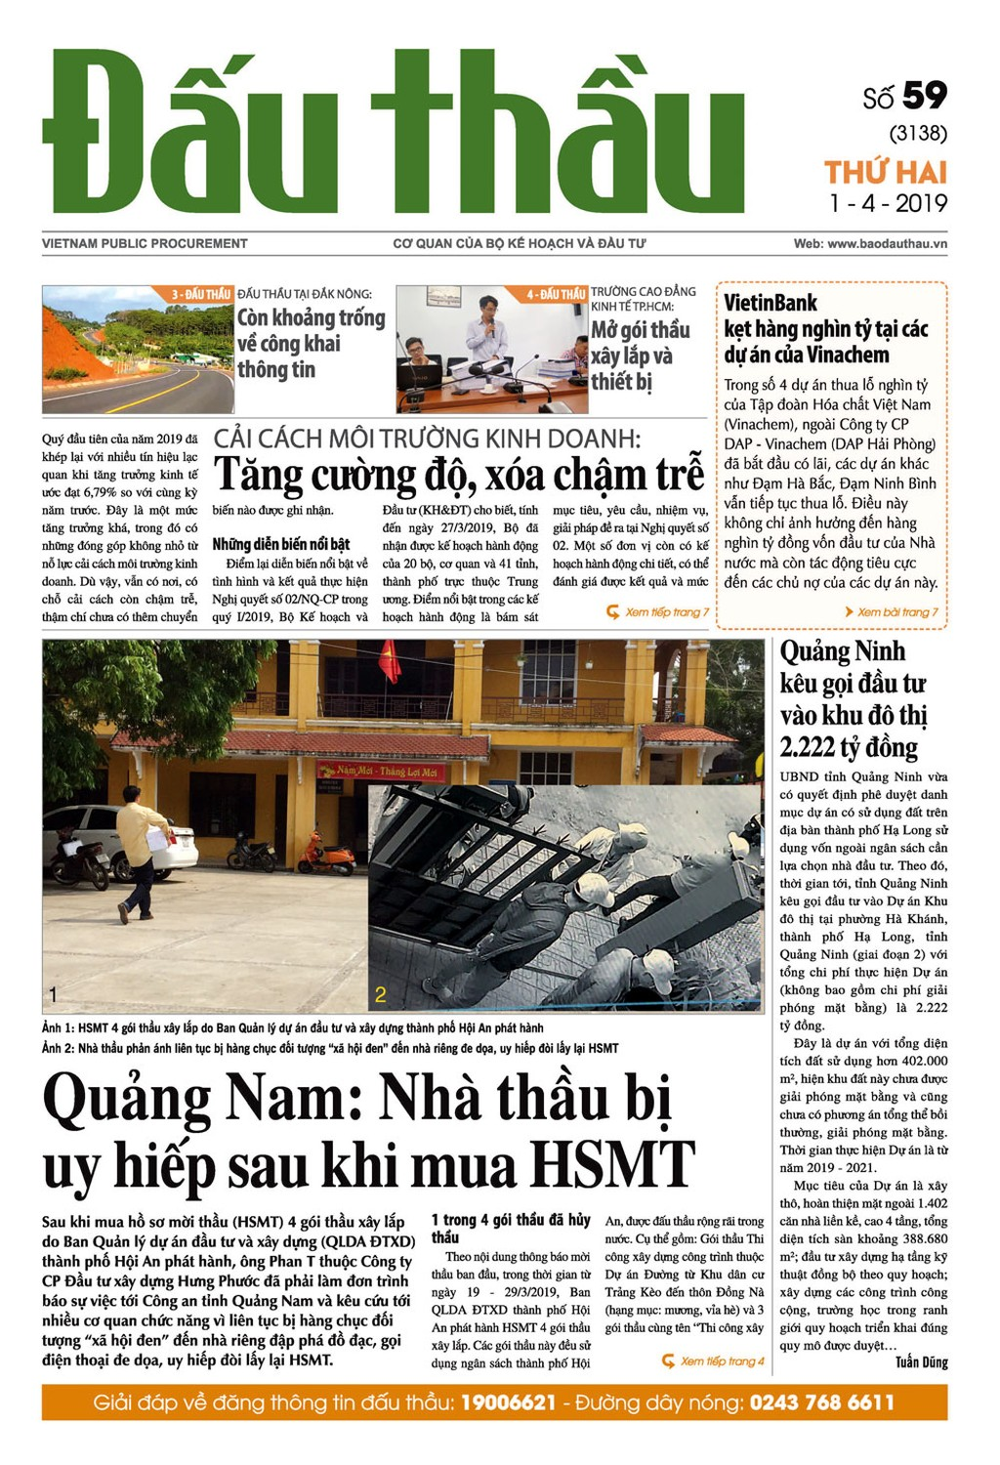 Báo Đấu thầu số 59 ra ngày 1/4/2019